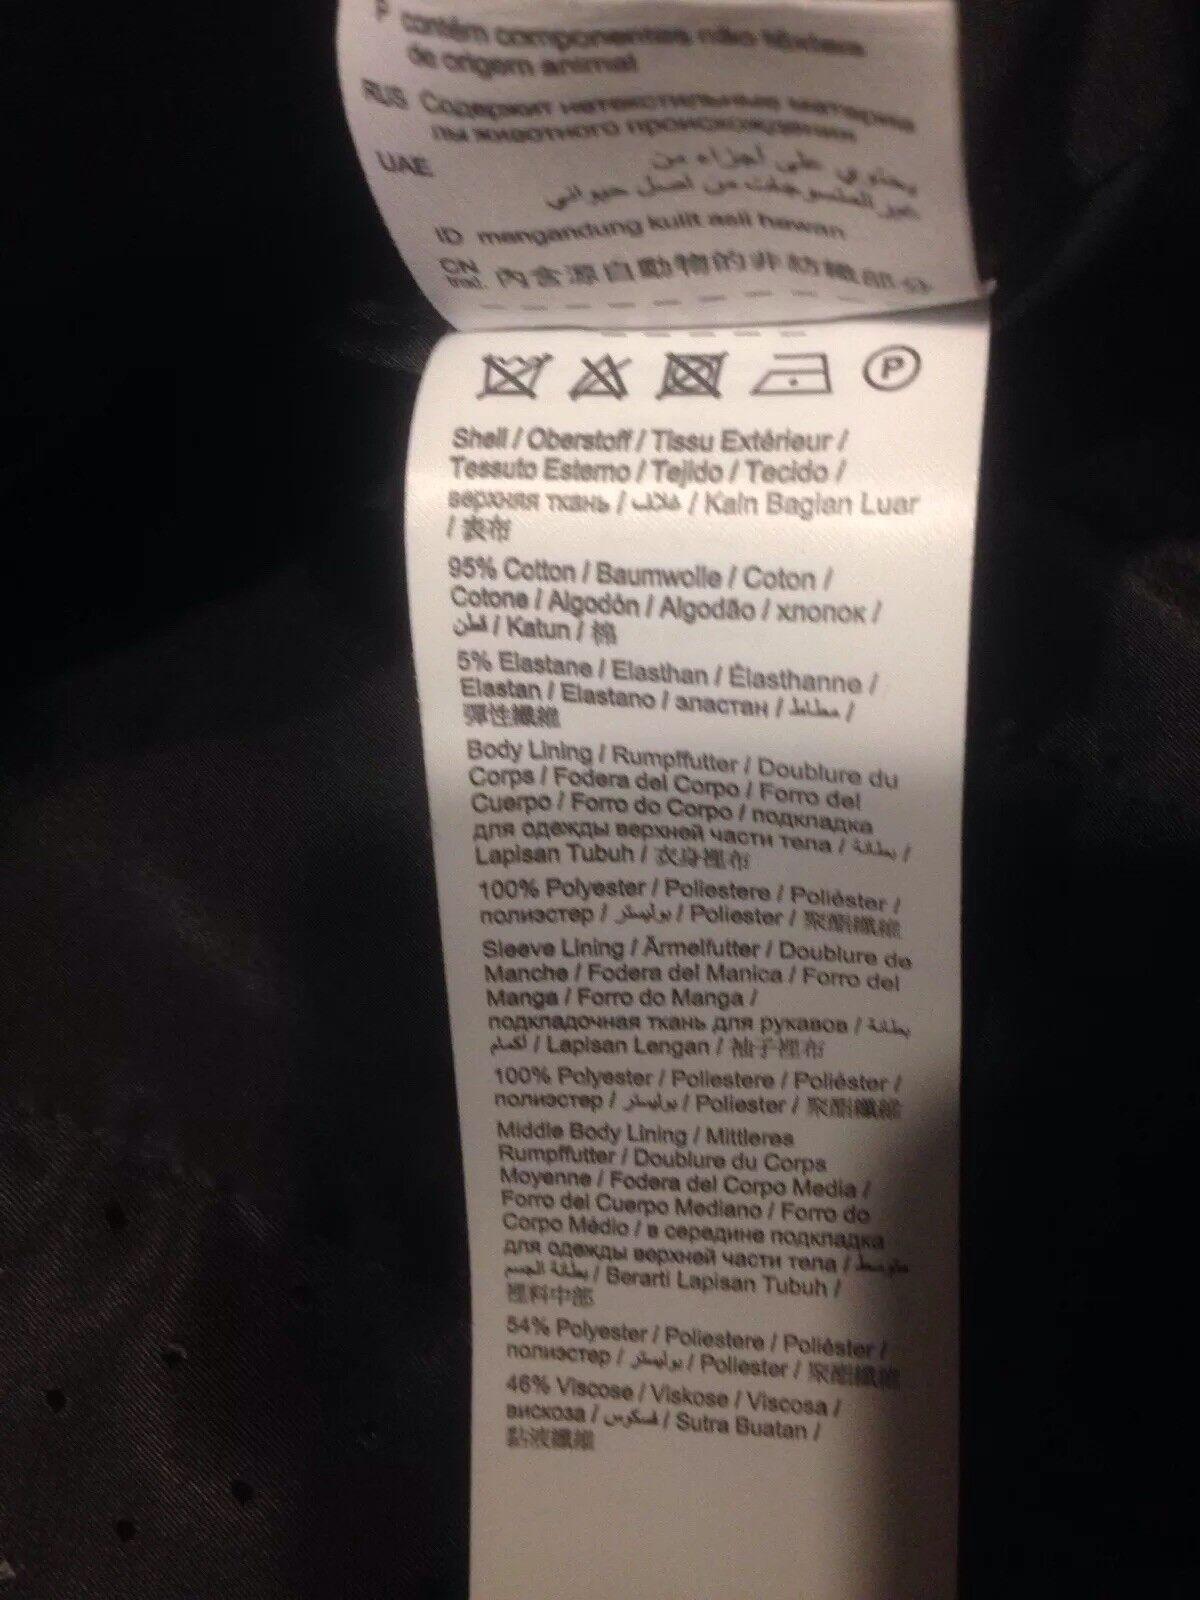 Esprit Blazer schwarz Gr. 40 neu | Verbraucher zuerst  zuerst  zuerst  | Nicht so teuer  | Perfekte Verarbeitung  fd7171